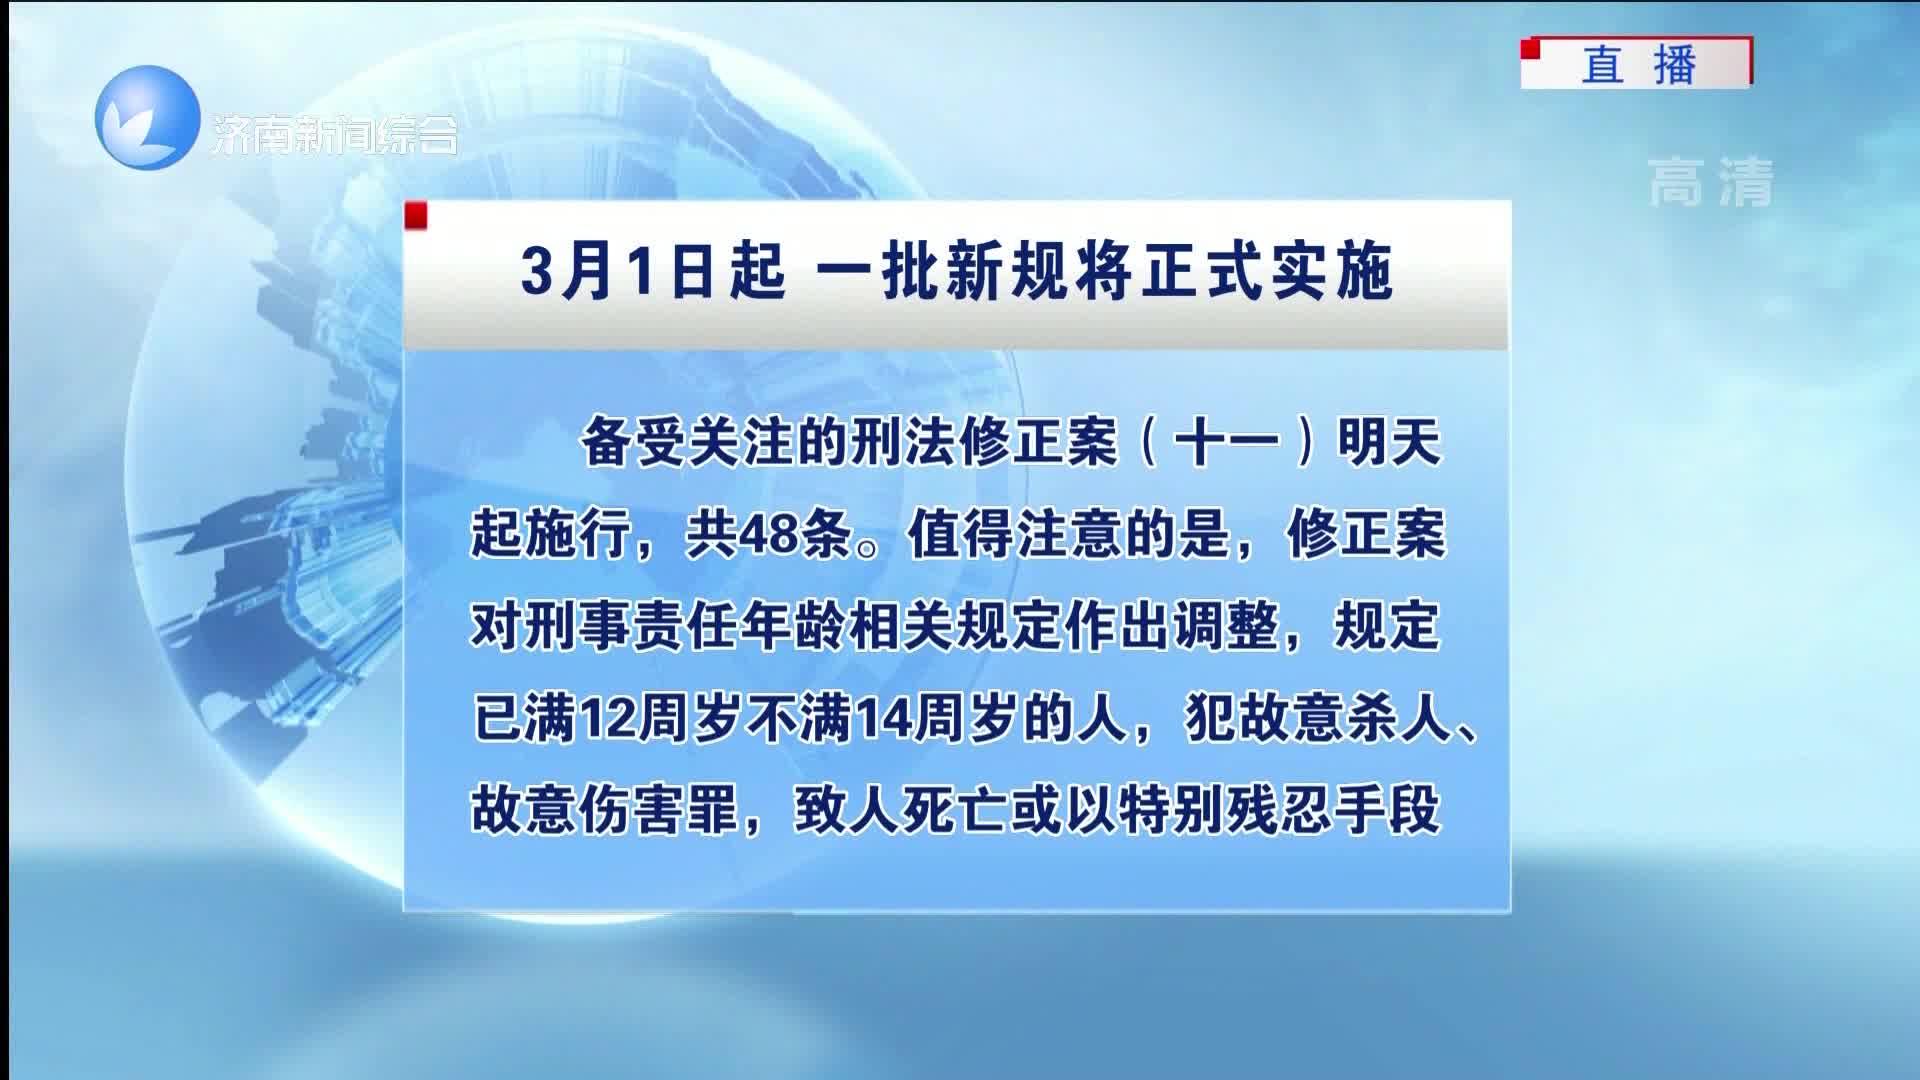 3月1日起 一批新规将正式实施